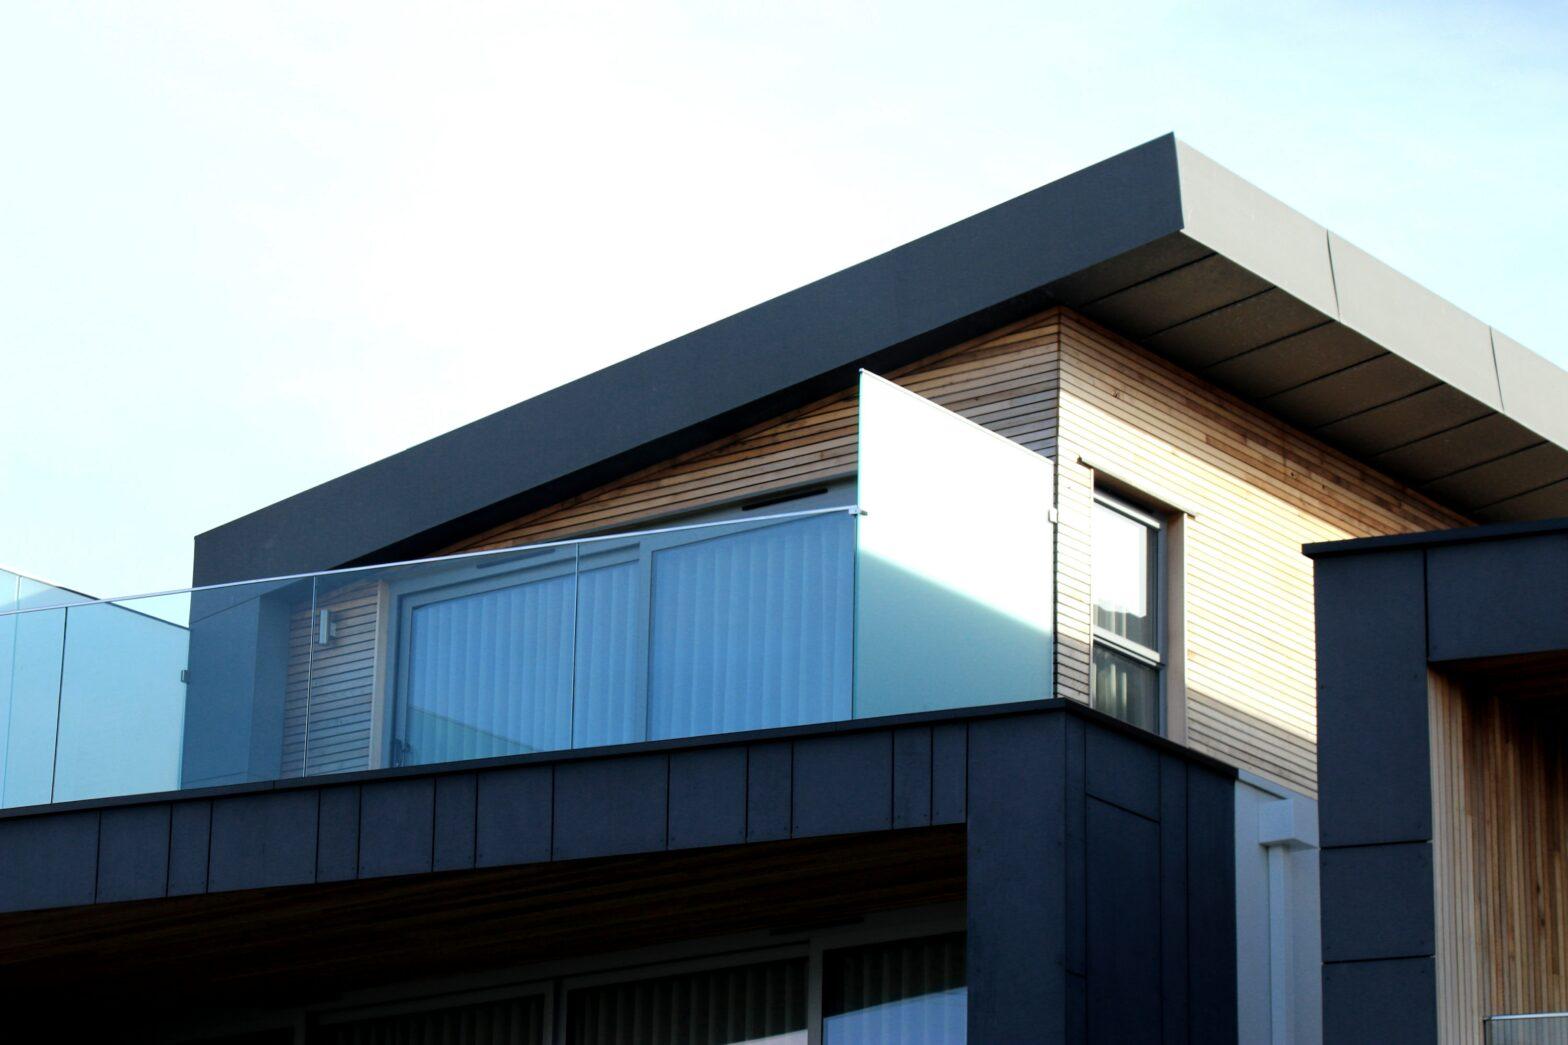 Omakotitalon rakentaminen voidaan toteuttaa alusta asti itse tai esimerkiksi valmiin talopaketin avulla.